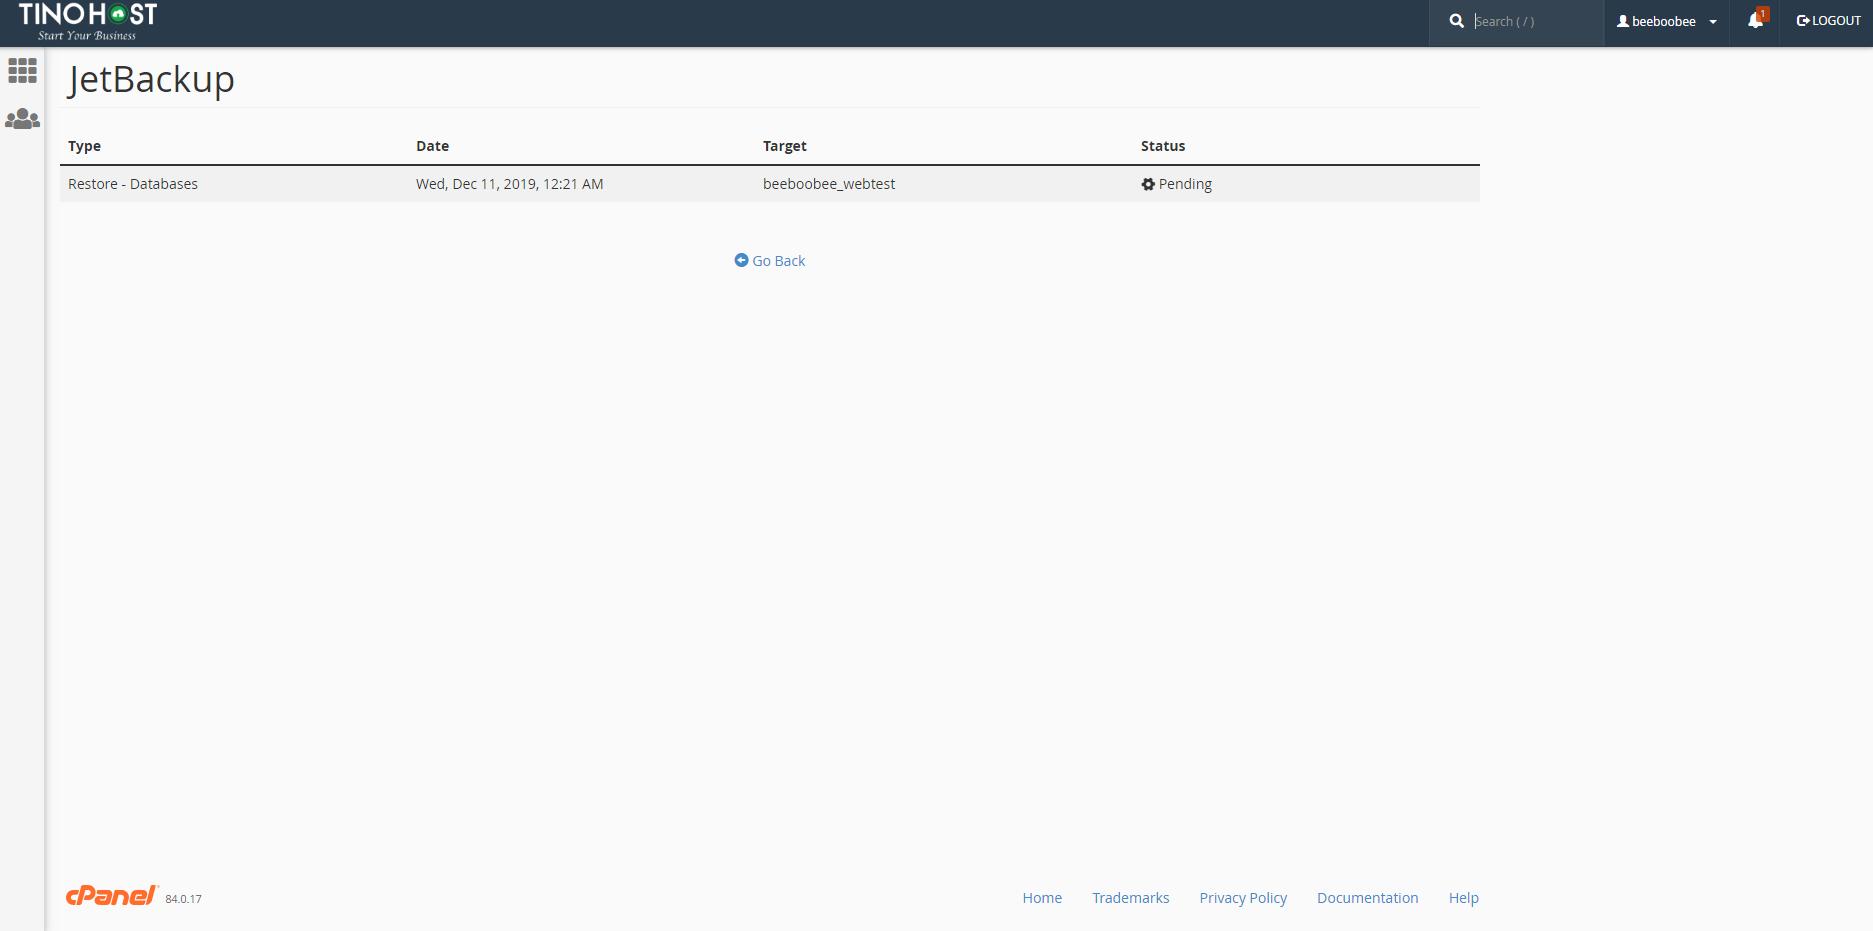 [cPanel] - Kiểm tra tiến trình Queue trong JetBackup 4